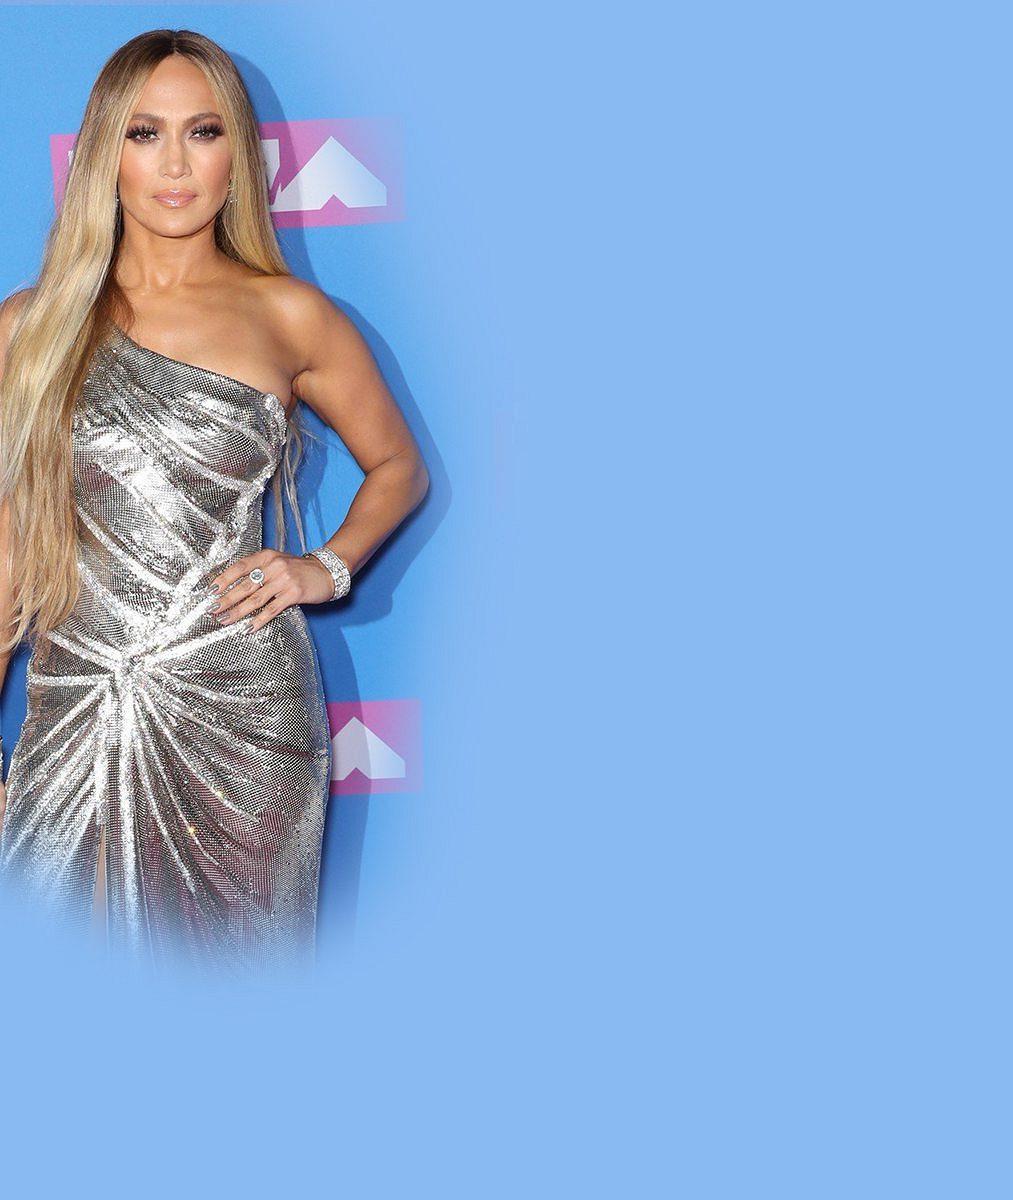 Božská Jennifer Lopez ovládla udílení hudebních cen: Podívejte se na její žhavé vystoupení